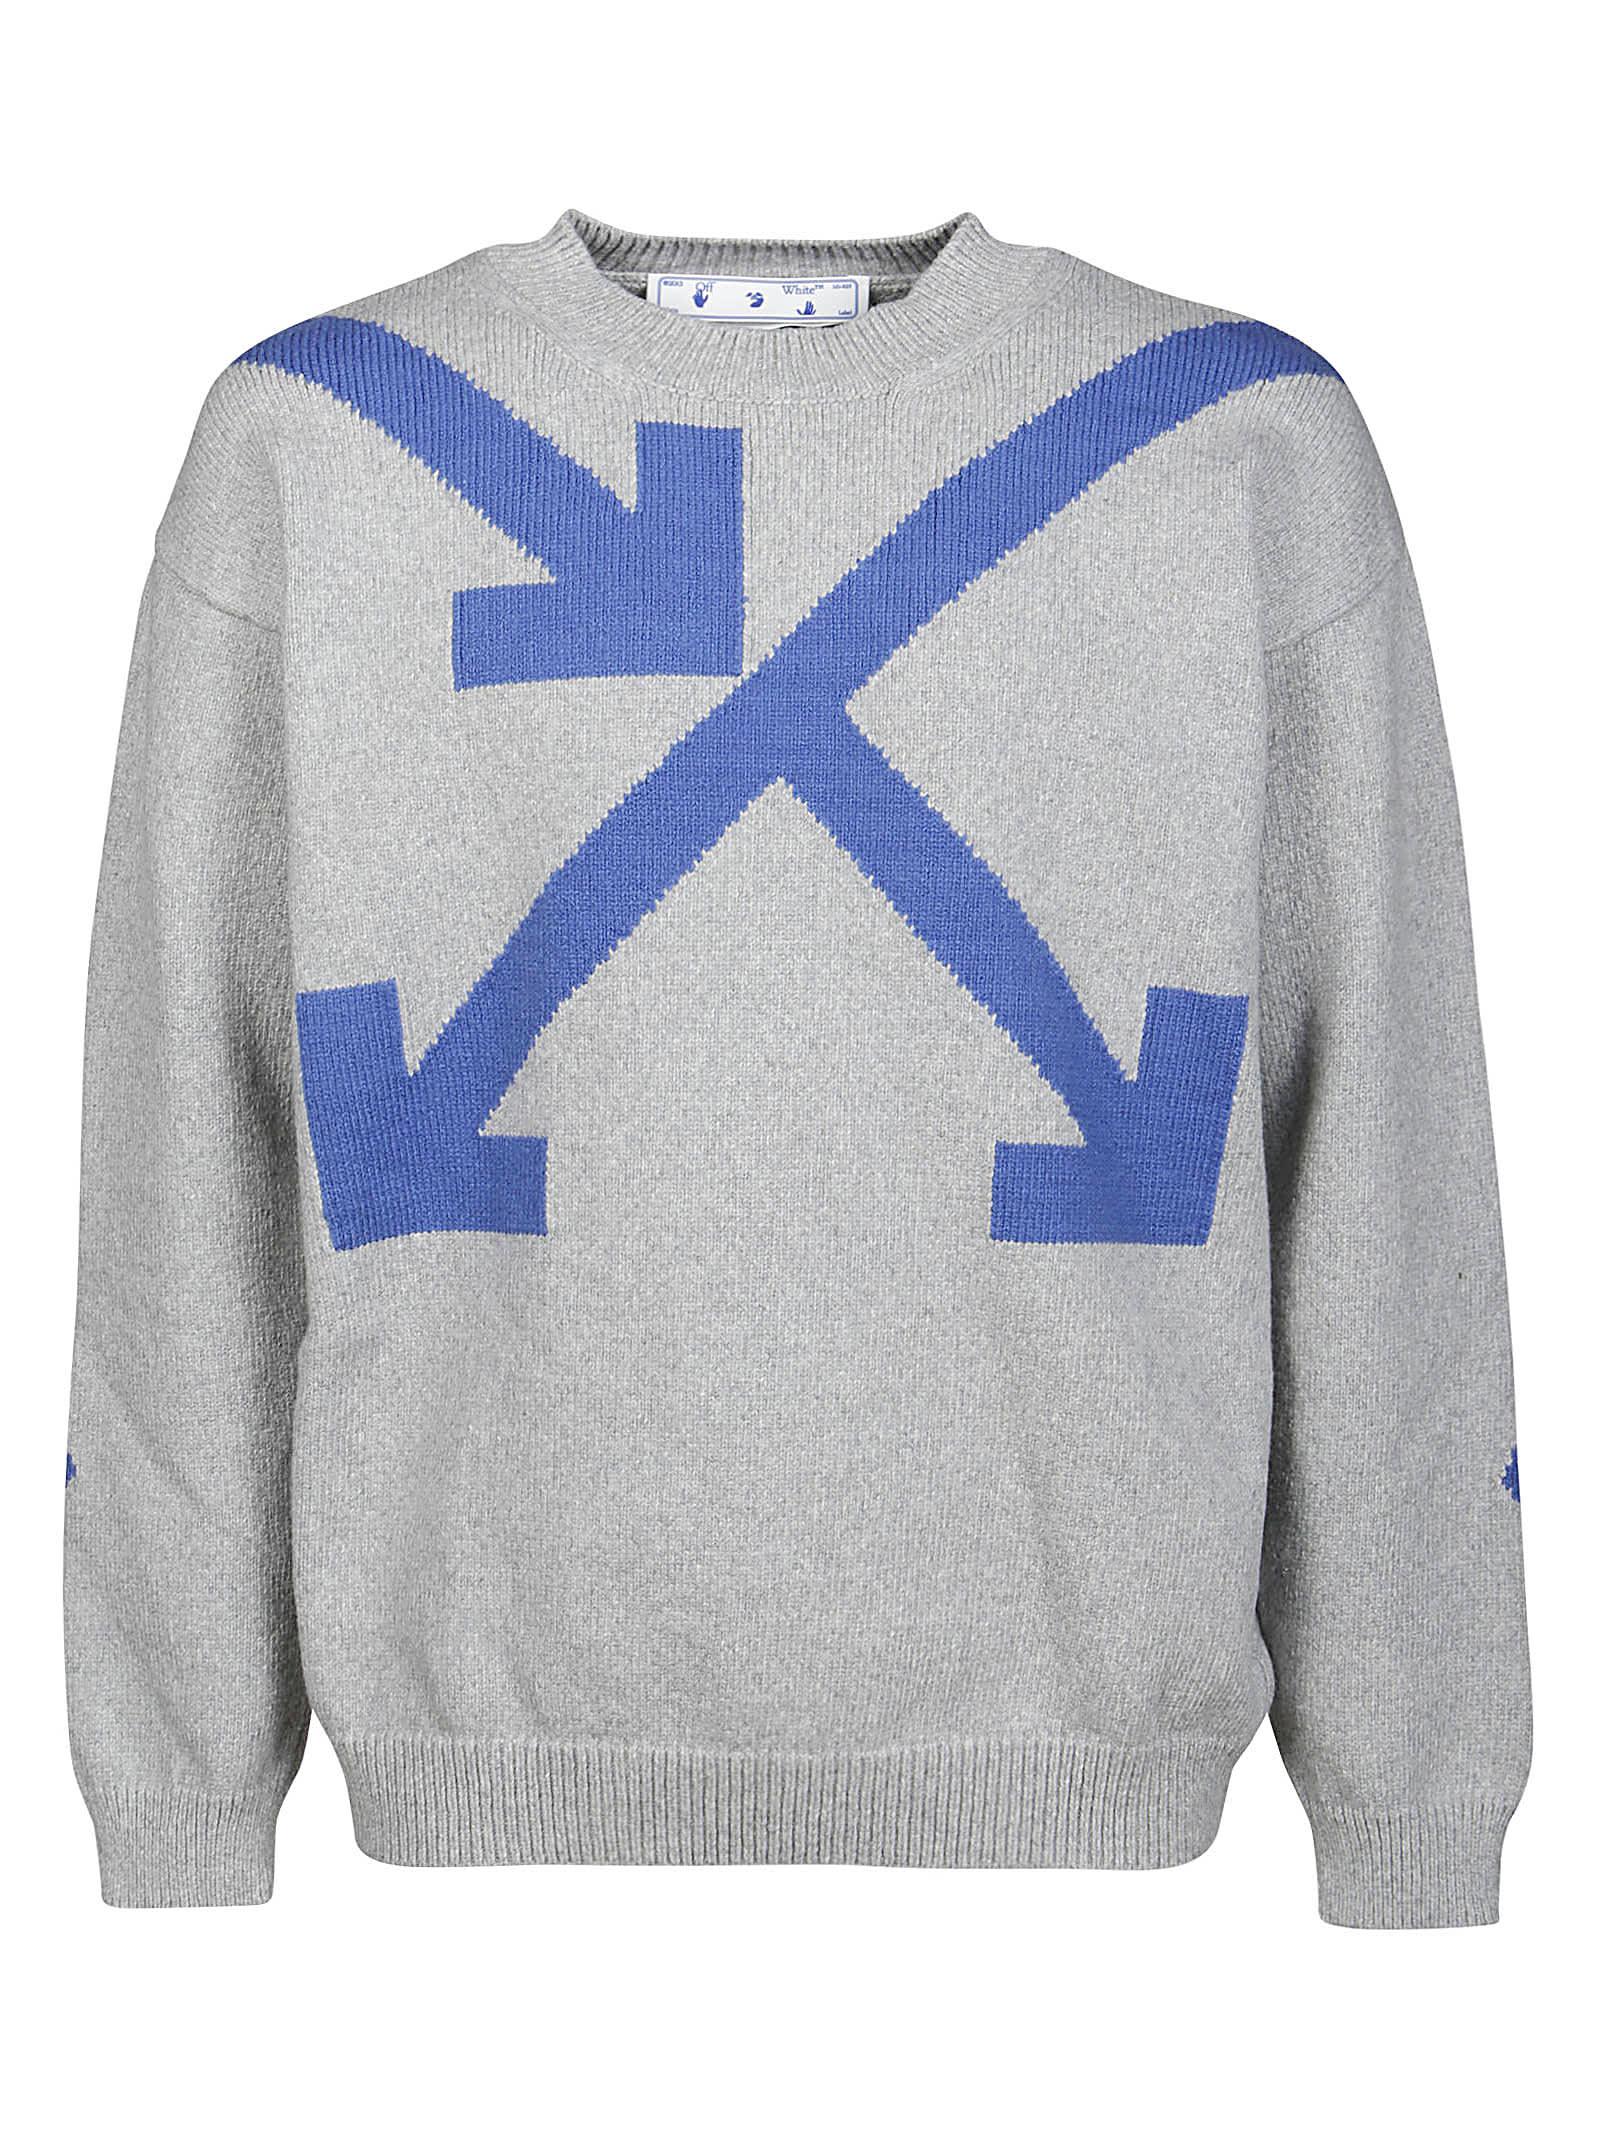 Off-White Knitwear Twisted Arrows